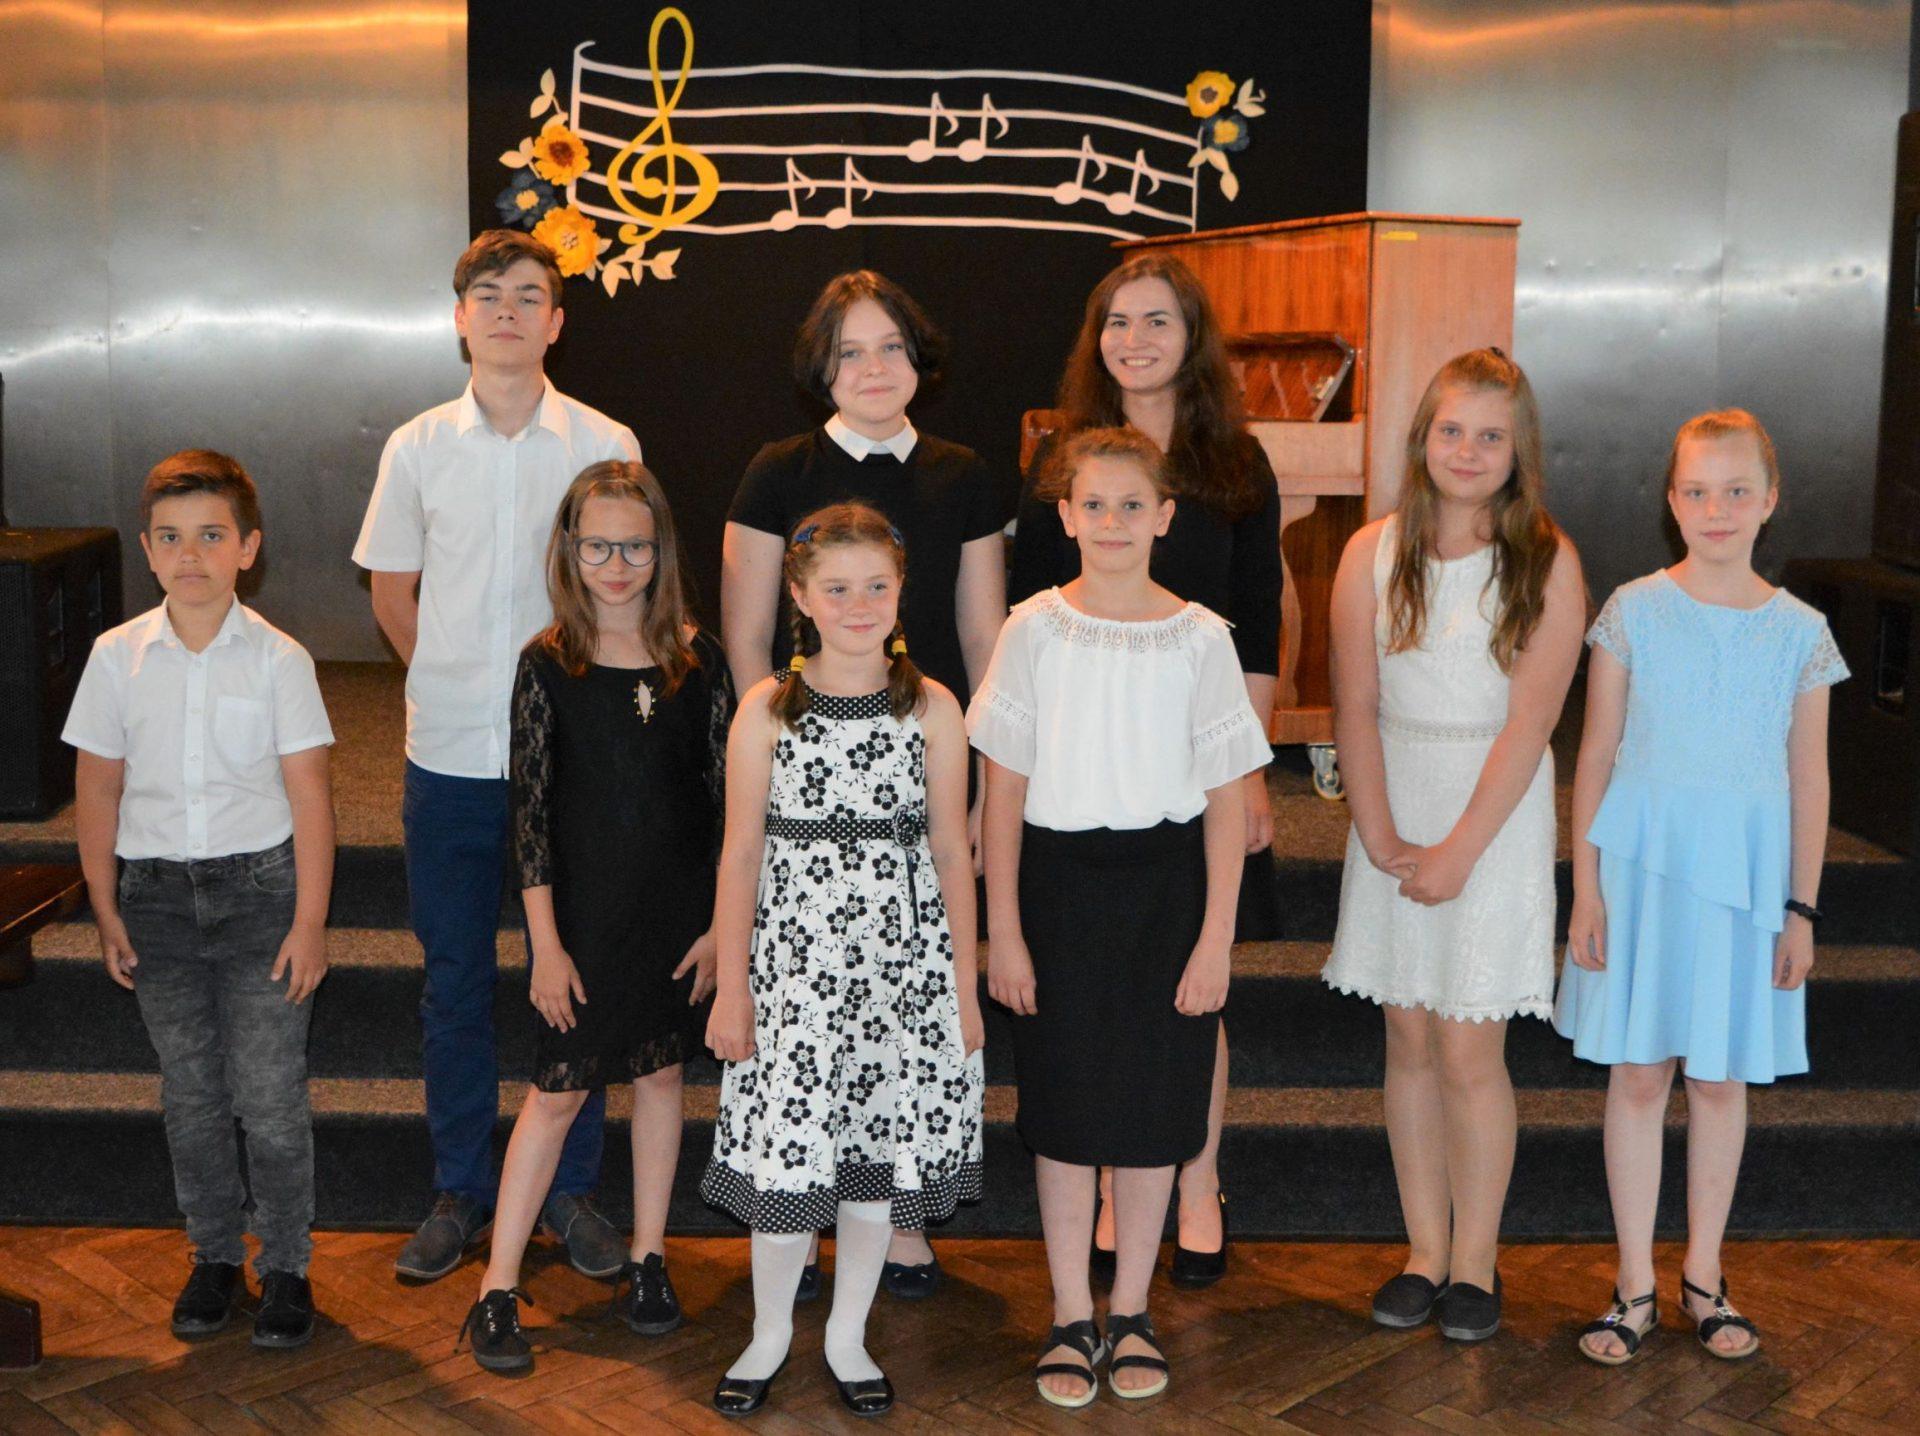 Na zdjęciu stoją uczniowie zajęć muzycznych CKPiT wraz ze swoim instruktorem. Z tyłu na scenie po prawej stoi pianino, w tle dekoracja z nutami.